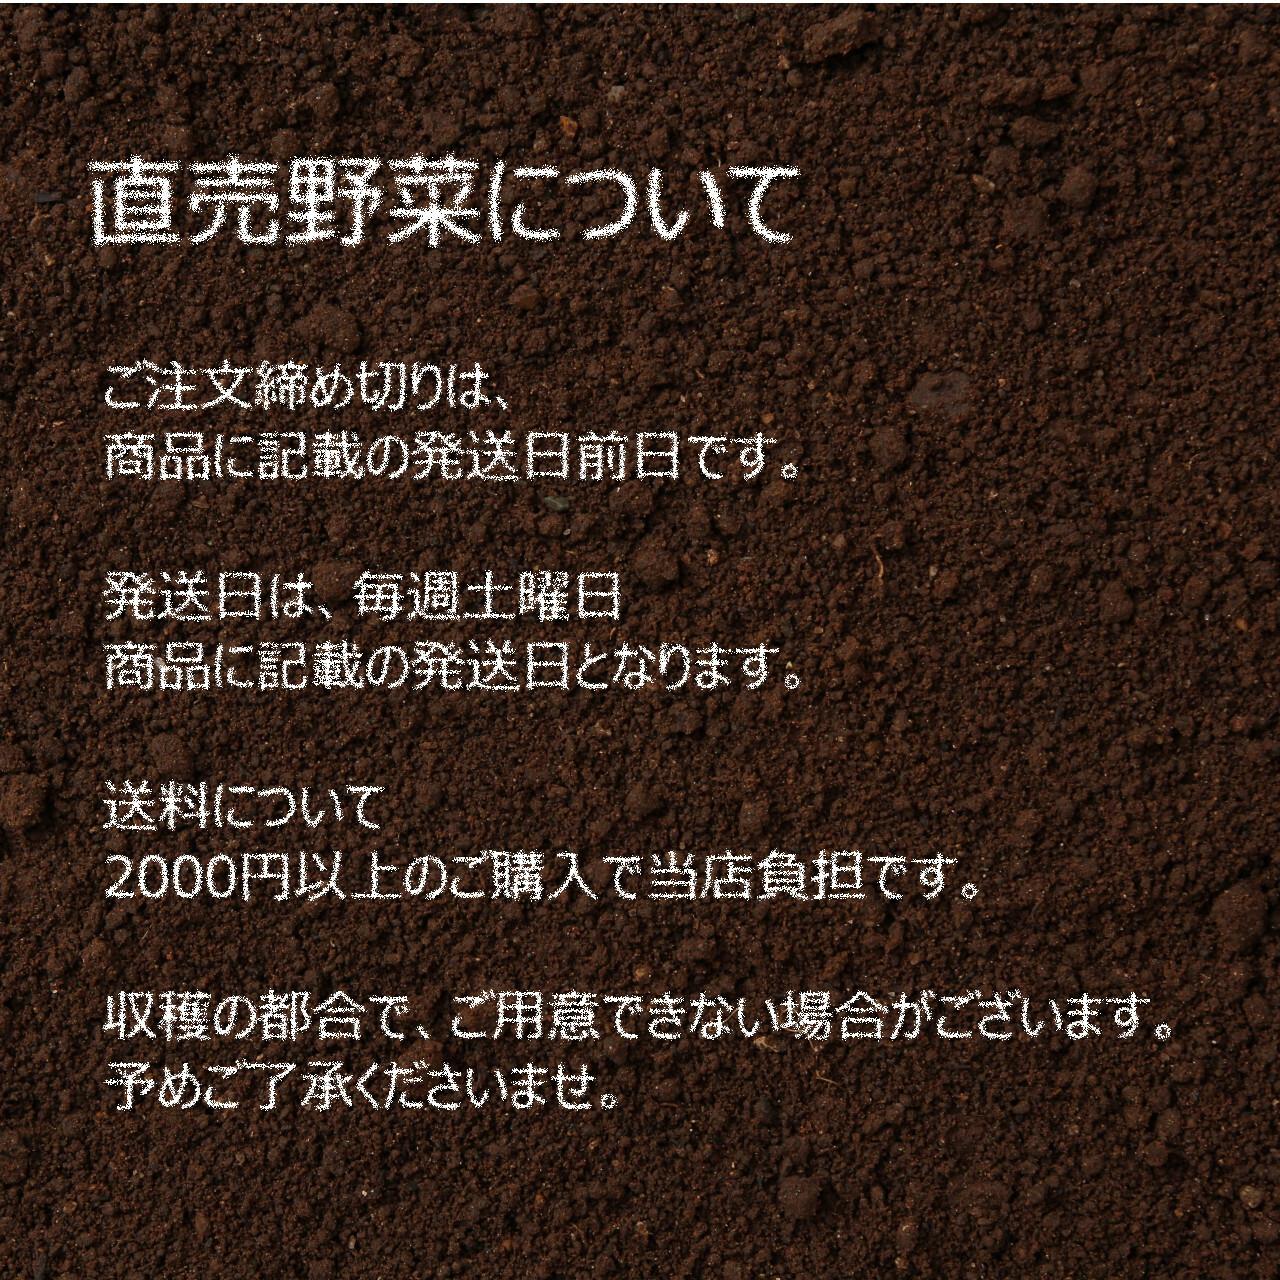 11月の朝採り直売野菜 : 里芋 約350g 新鮮な冬野菜 11月21日発送予定